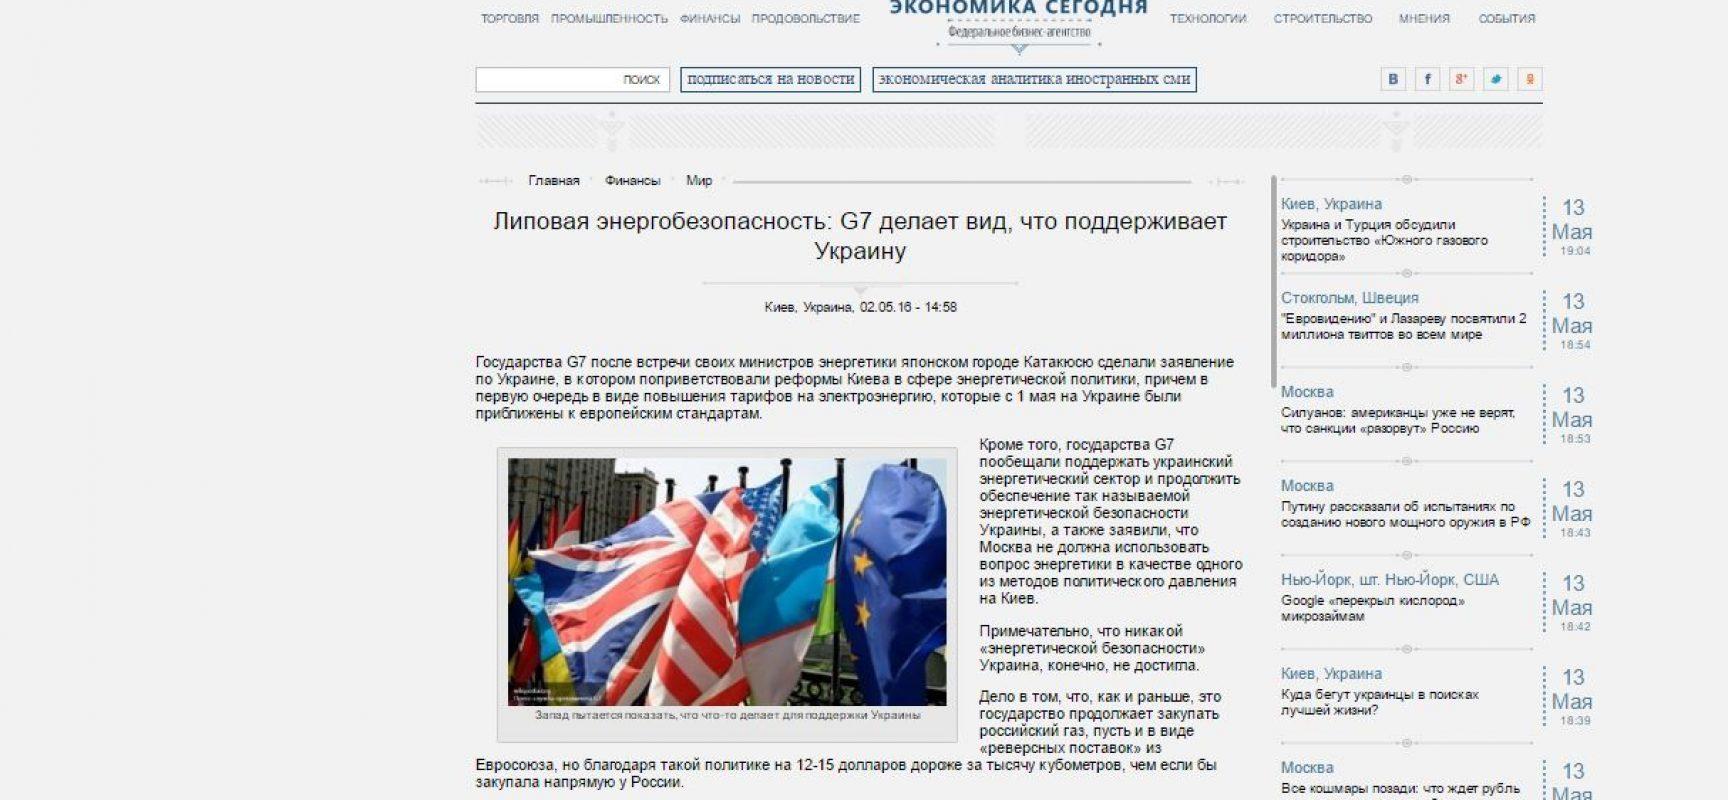 Fake: in  Ucraina stipendi inferiori a 46 $ al mese a causa del caro Gas